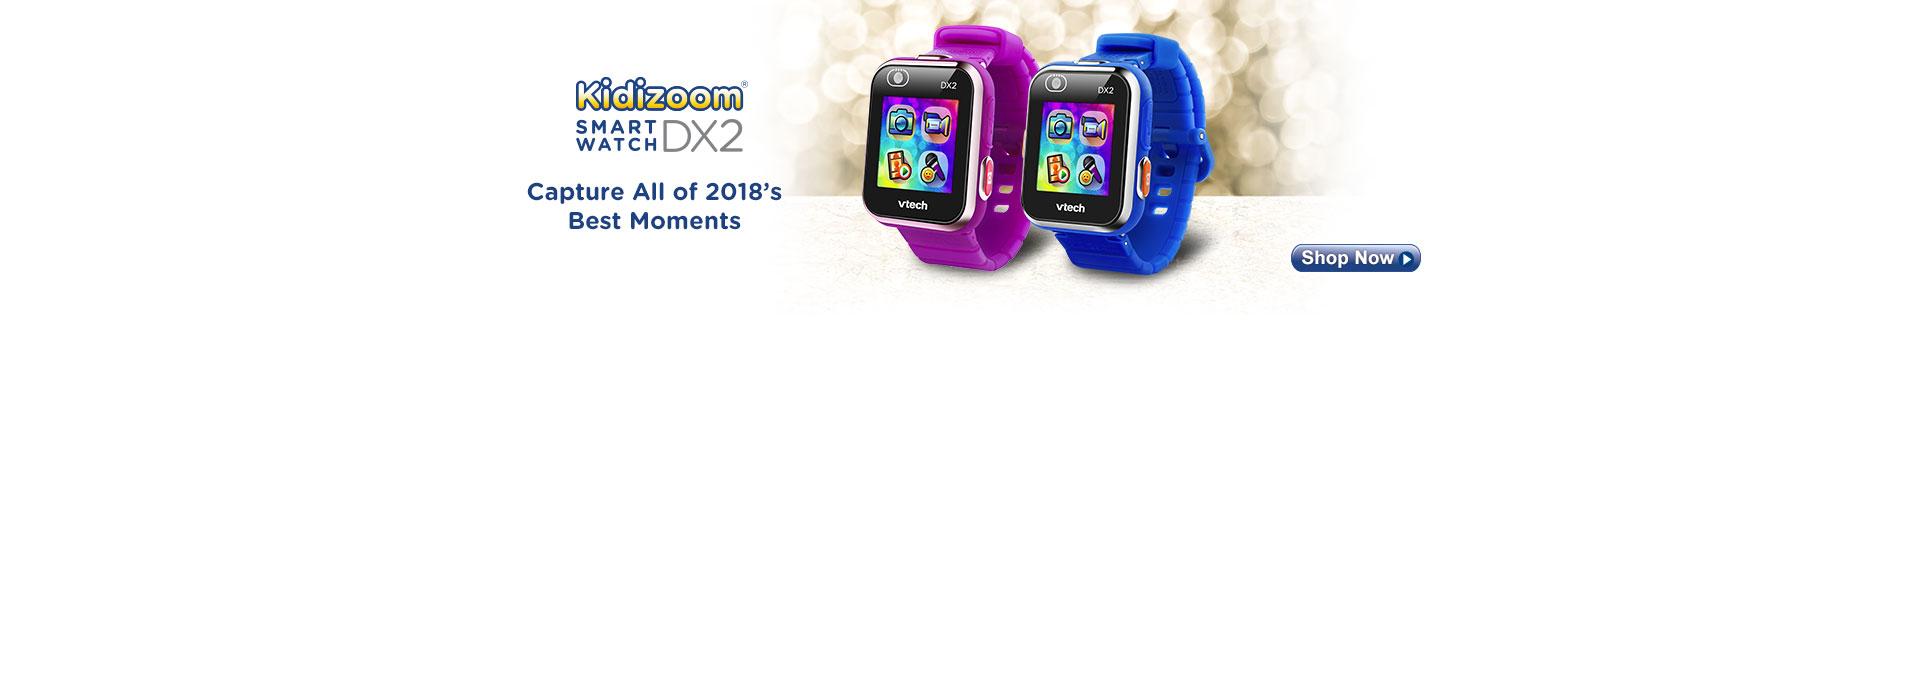 Smartwatch DX2 (Both Colors)